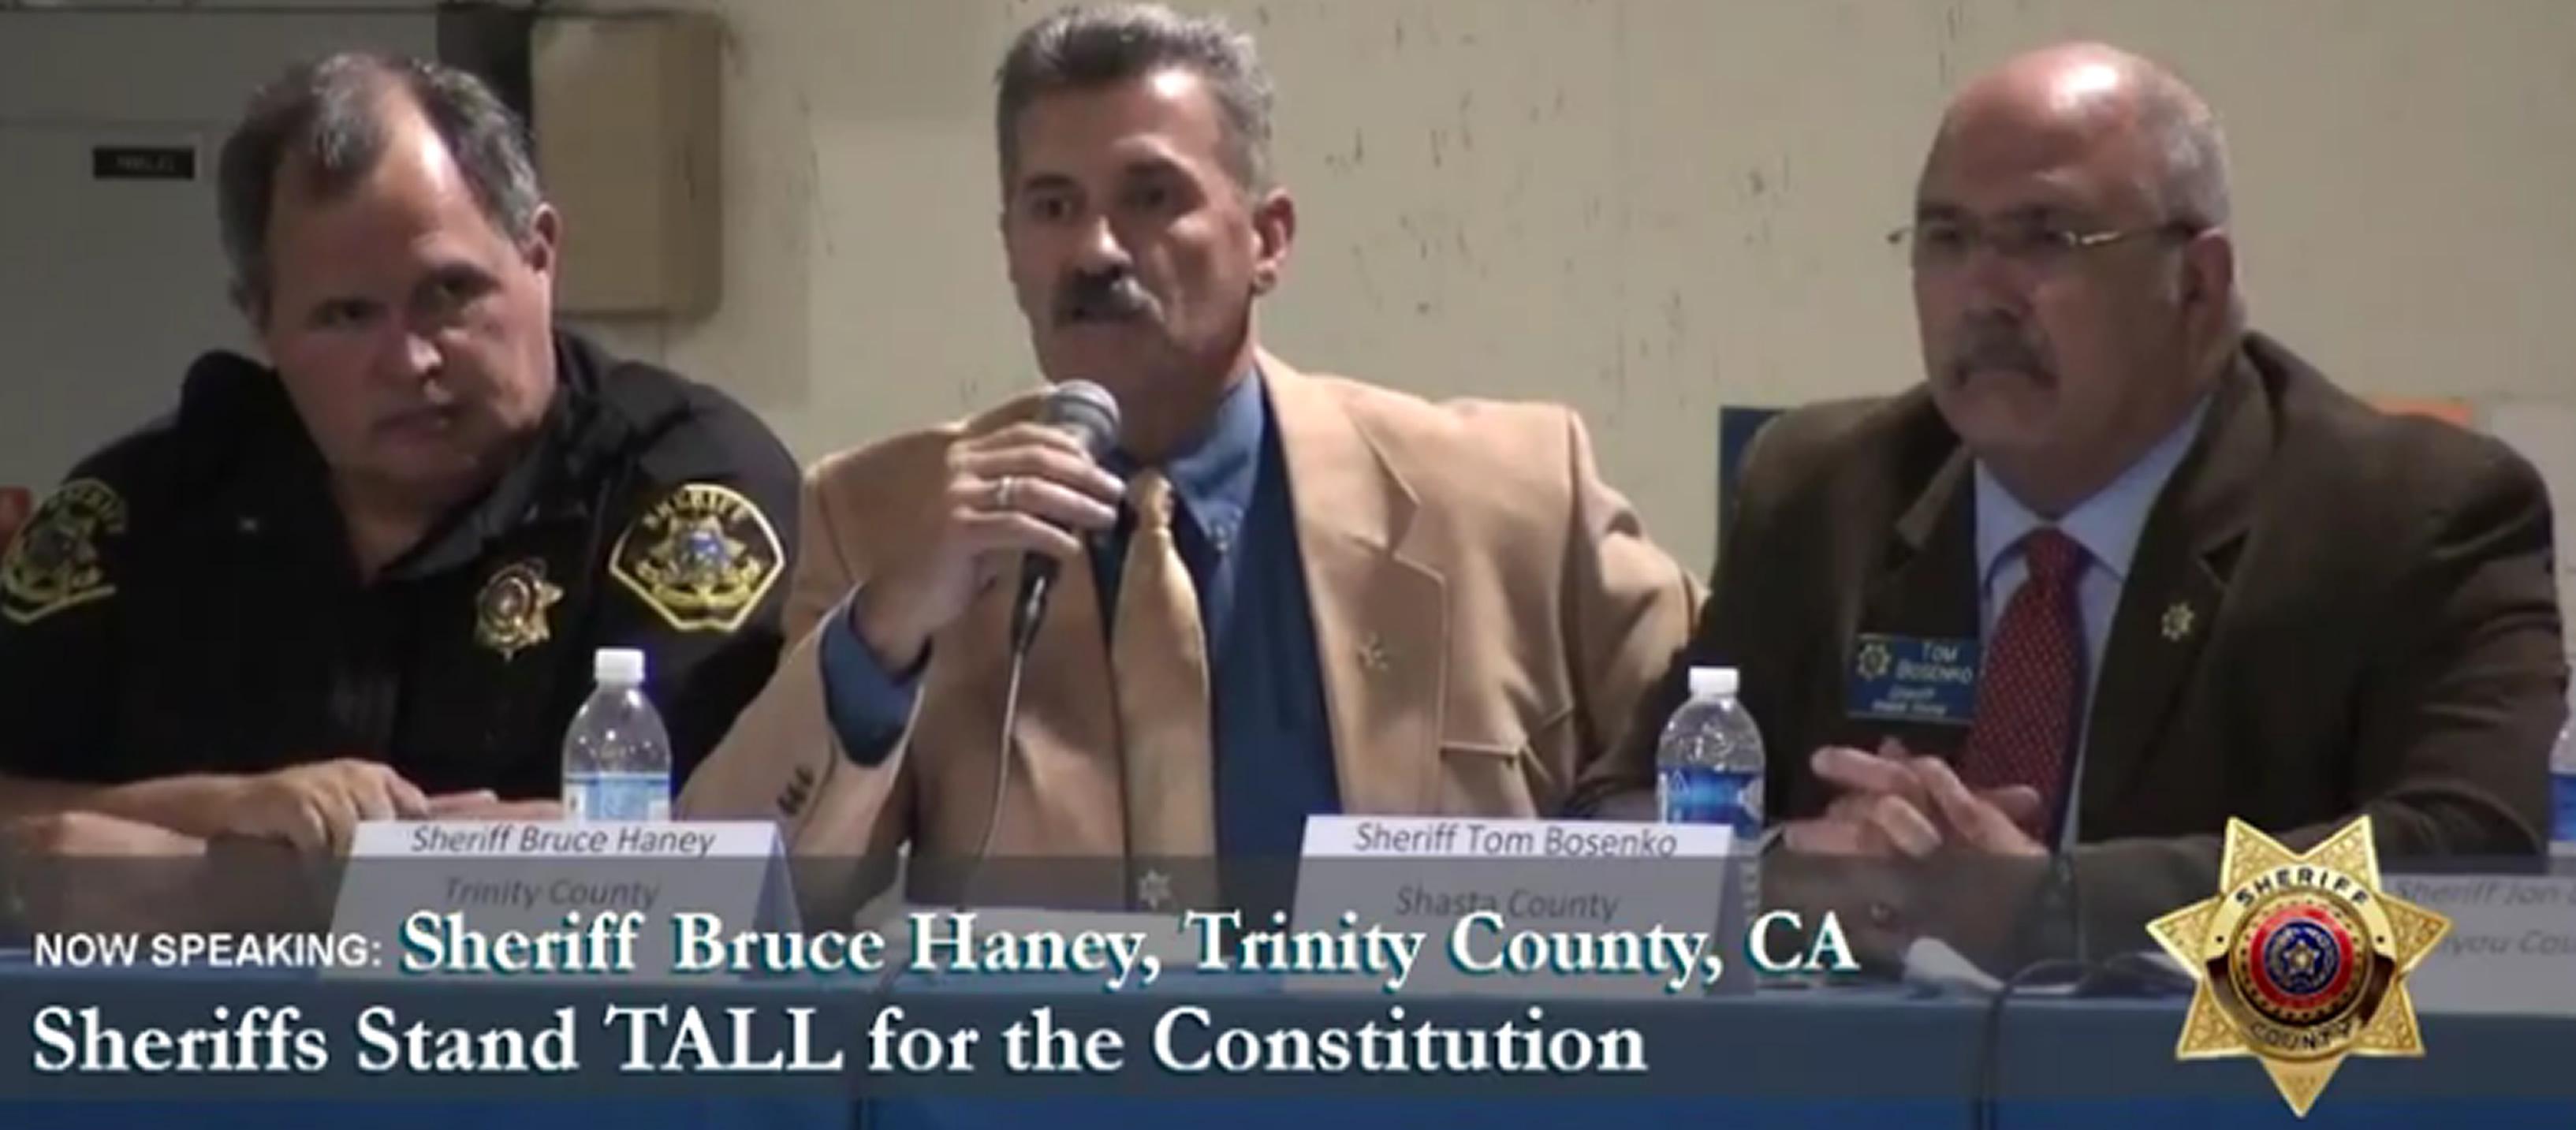 Trinity County Sheriff